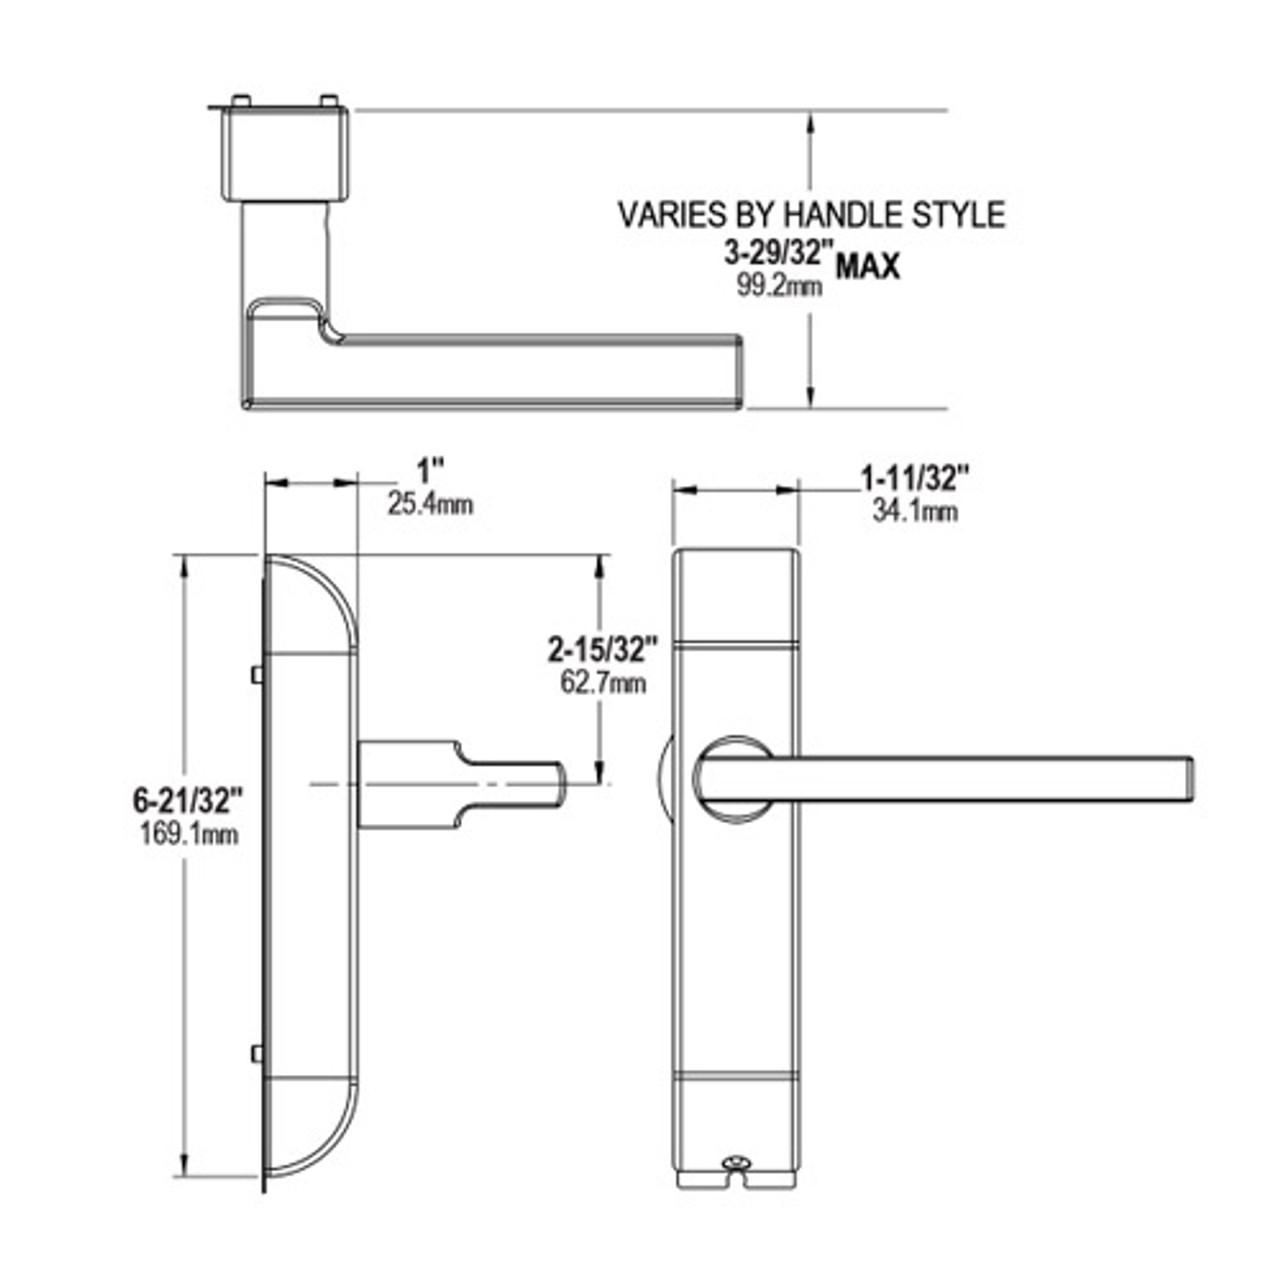 4600M-MG-611-US32D Adams Rite MG Designer handle Dimensional View